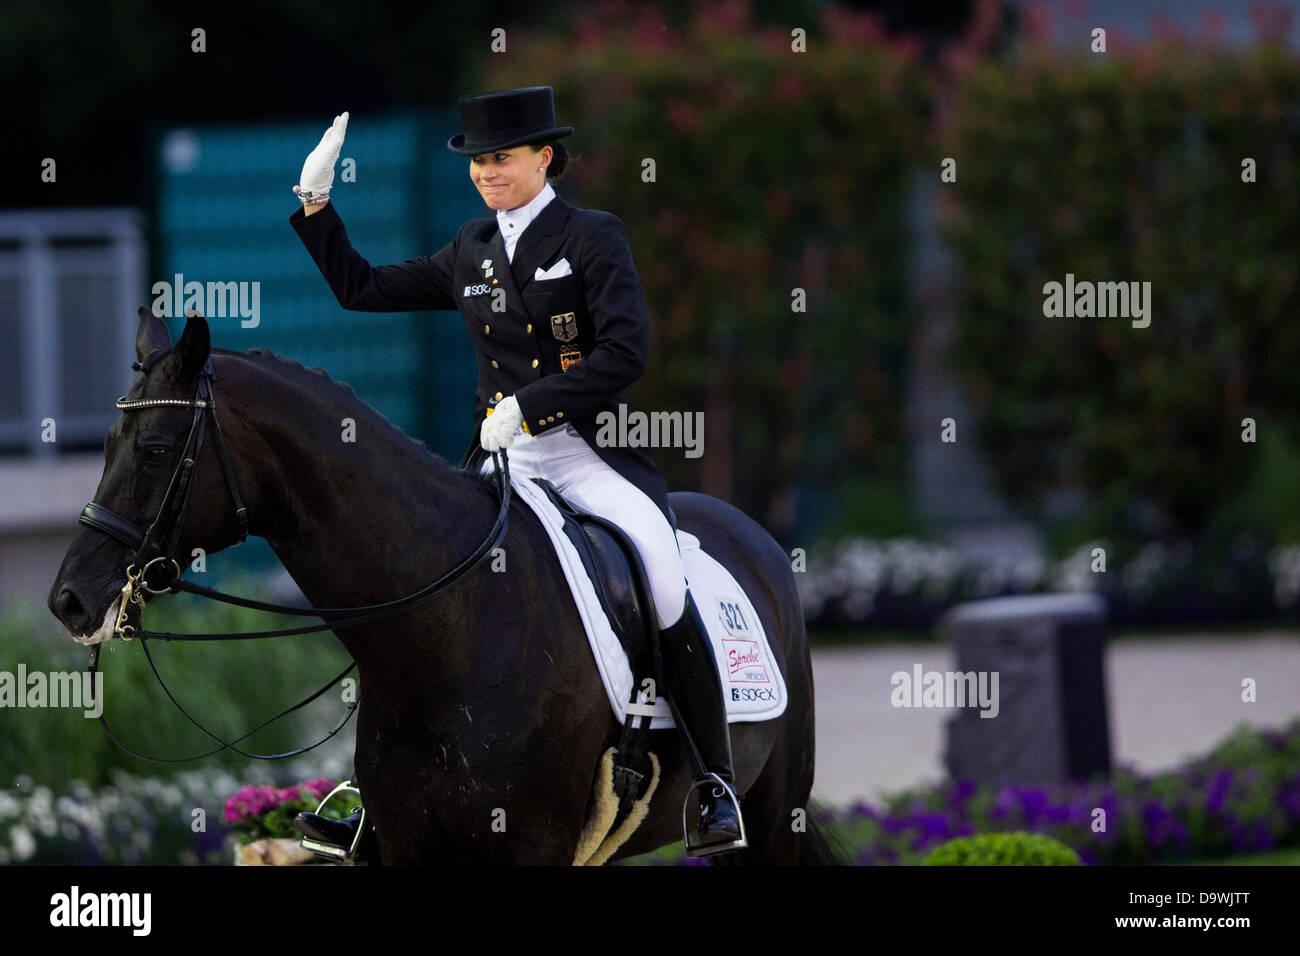 German Dressage Rider Kristina Sprehe Rides Her Horse Desperados In Stock Photo Alamy